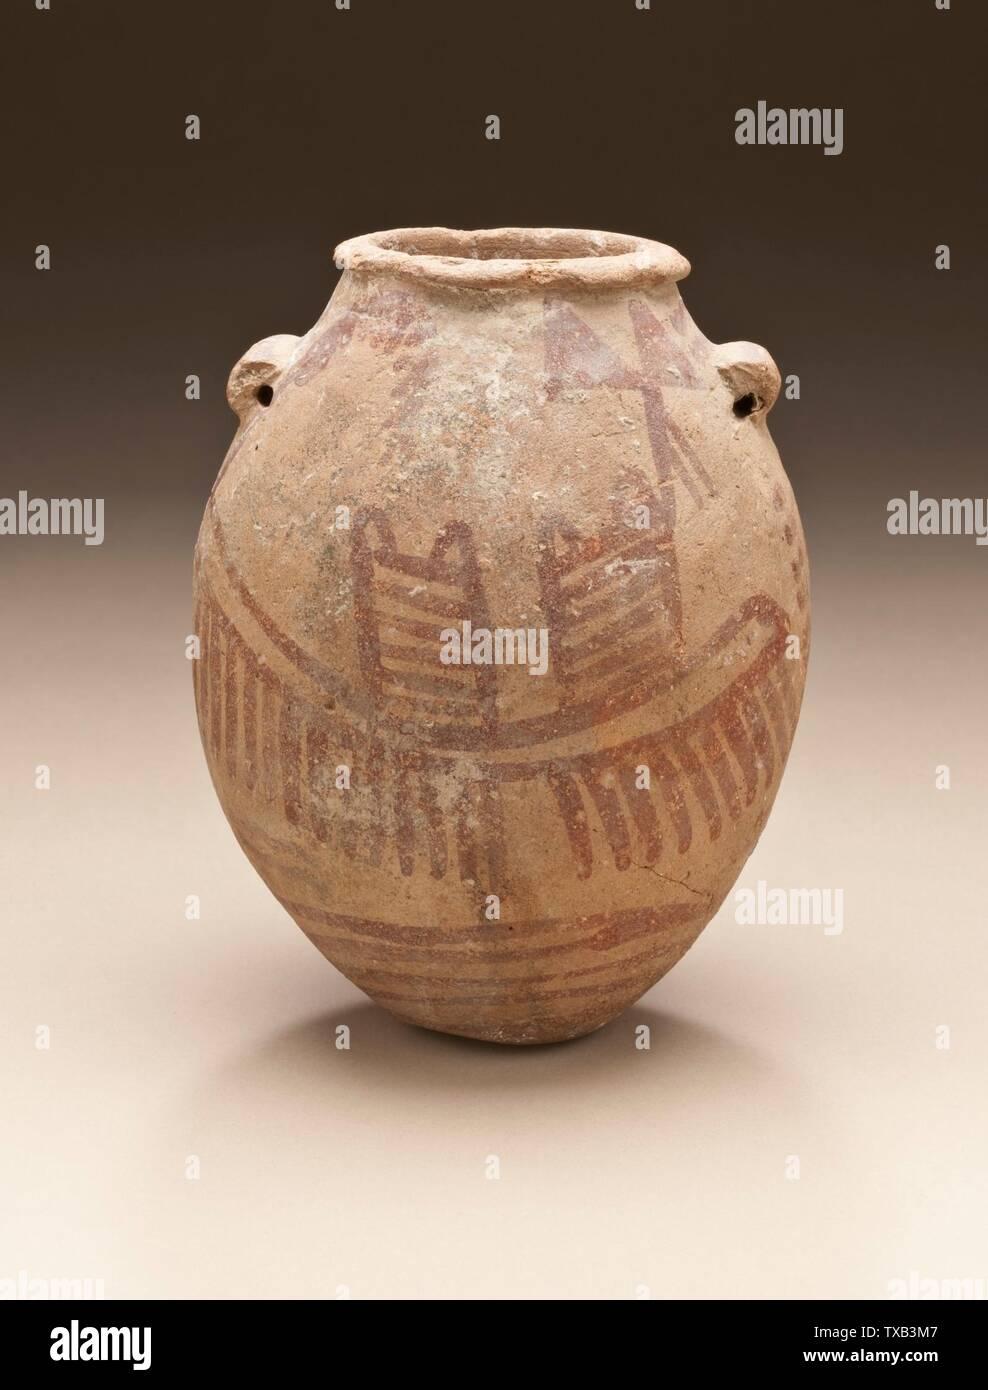 'Pot peint avec des bateaux; Egypte, Naqada II, période 3500-3150 (C.-B.); mobilier céramique Serviceware 4 15/16 x 3 15/16 in. (12,5 x 10 cm) Don de Jerome F. Snyder (M.80.202.41) L'art égyptien; 3500-3150 B.C.; ' Photo Stock